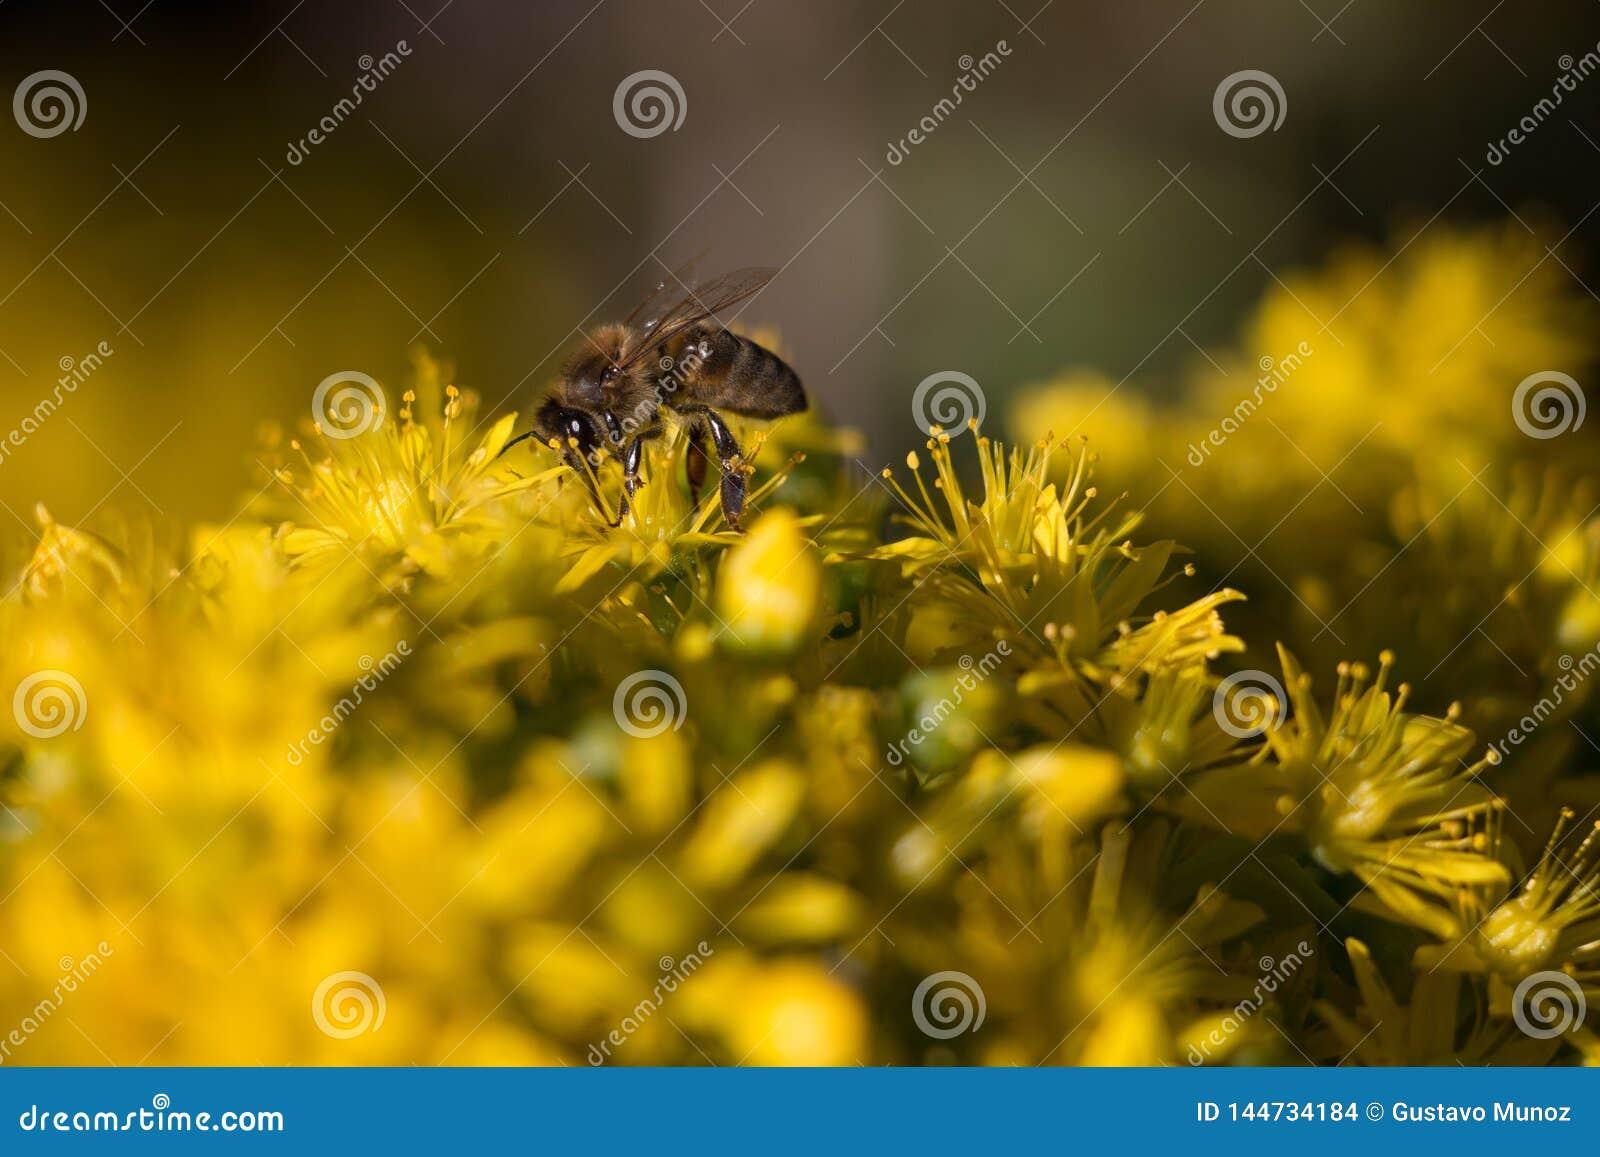 Une abeille rassemblant le pollen des fleurs jaunes